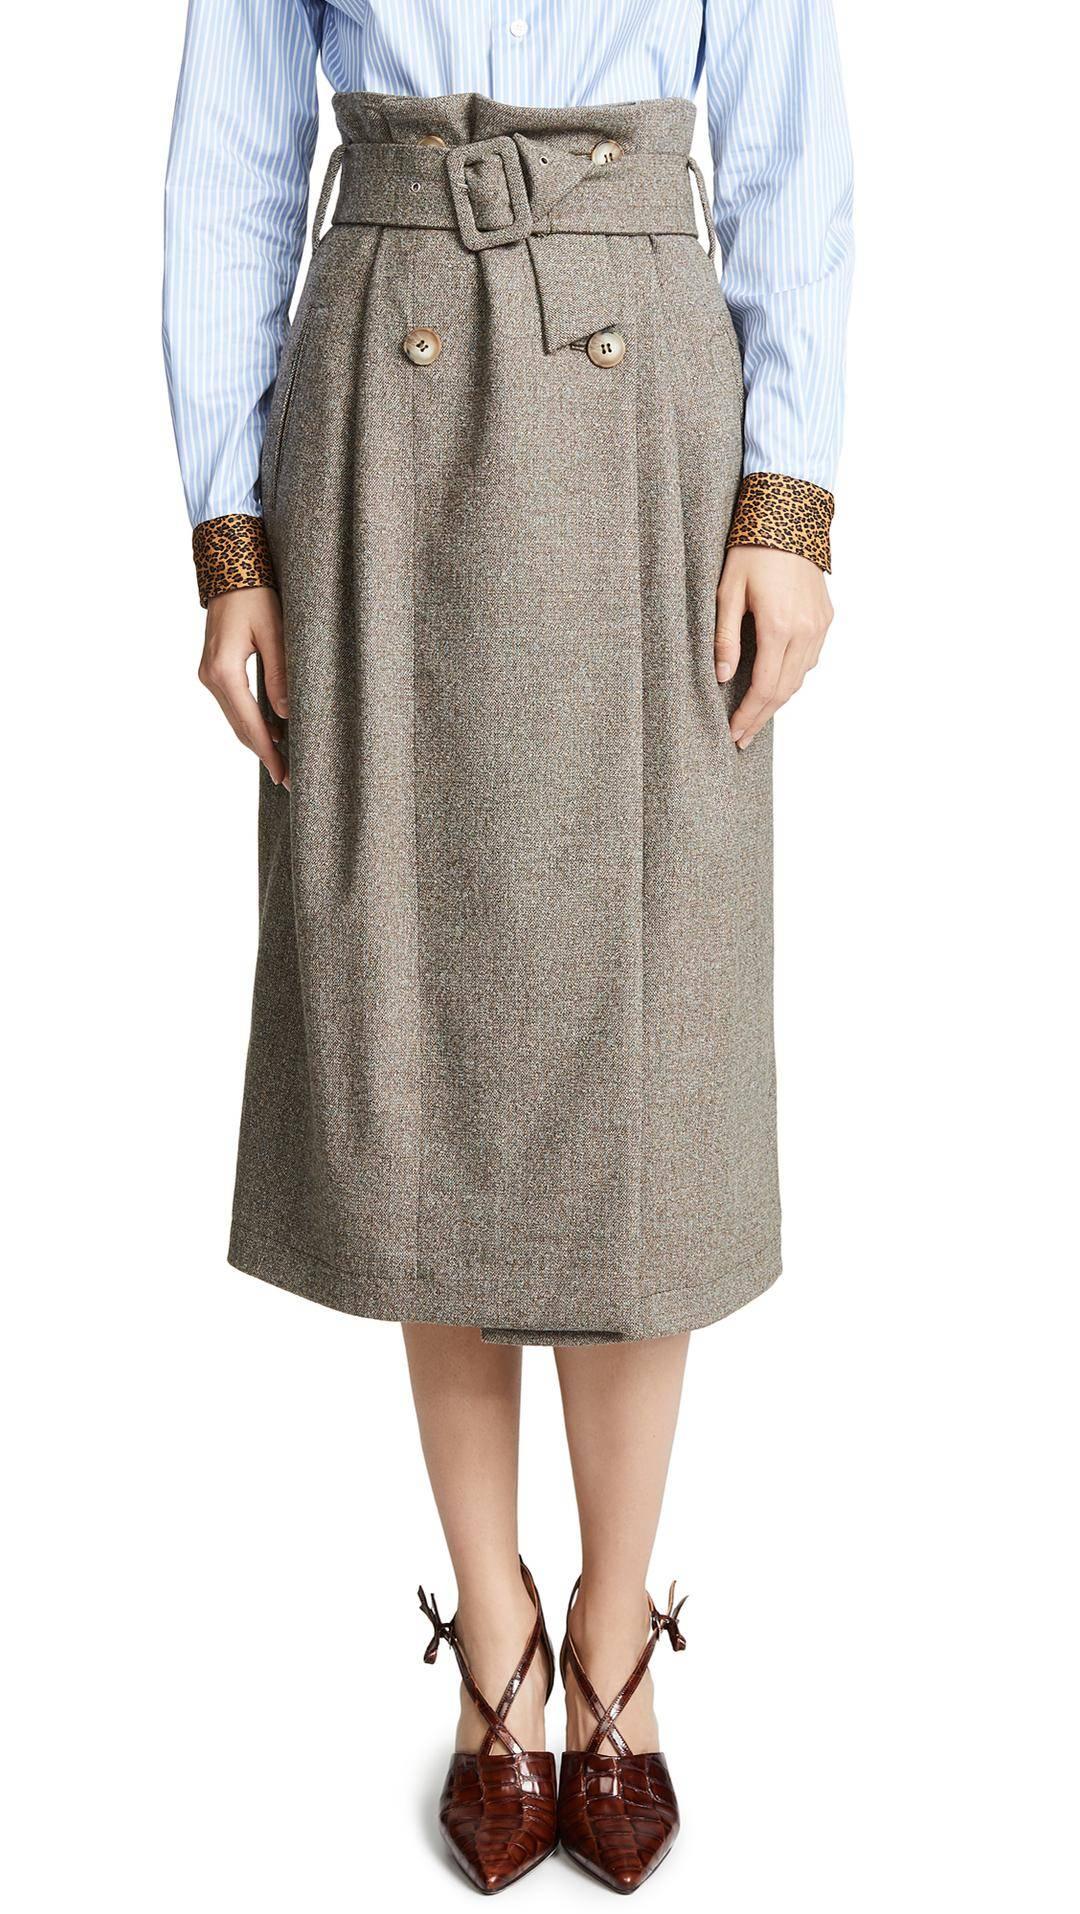 Muốn mặc đẹp đi chơi dịp 2/9, học ngay cách phối đồ với 3 xu hướng thời trang hot nhất mùa thu đông này - Ảnh 2